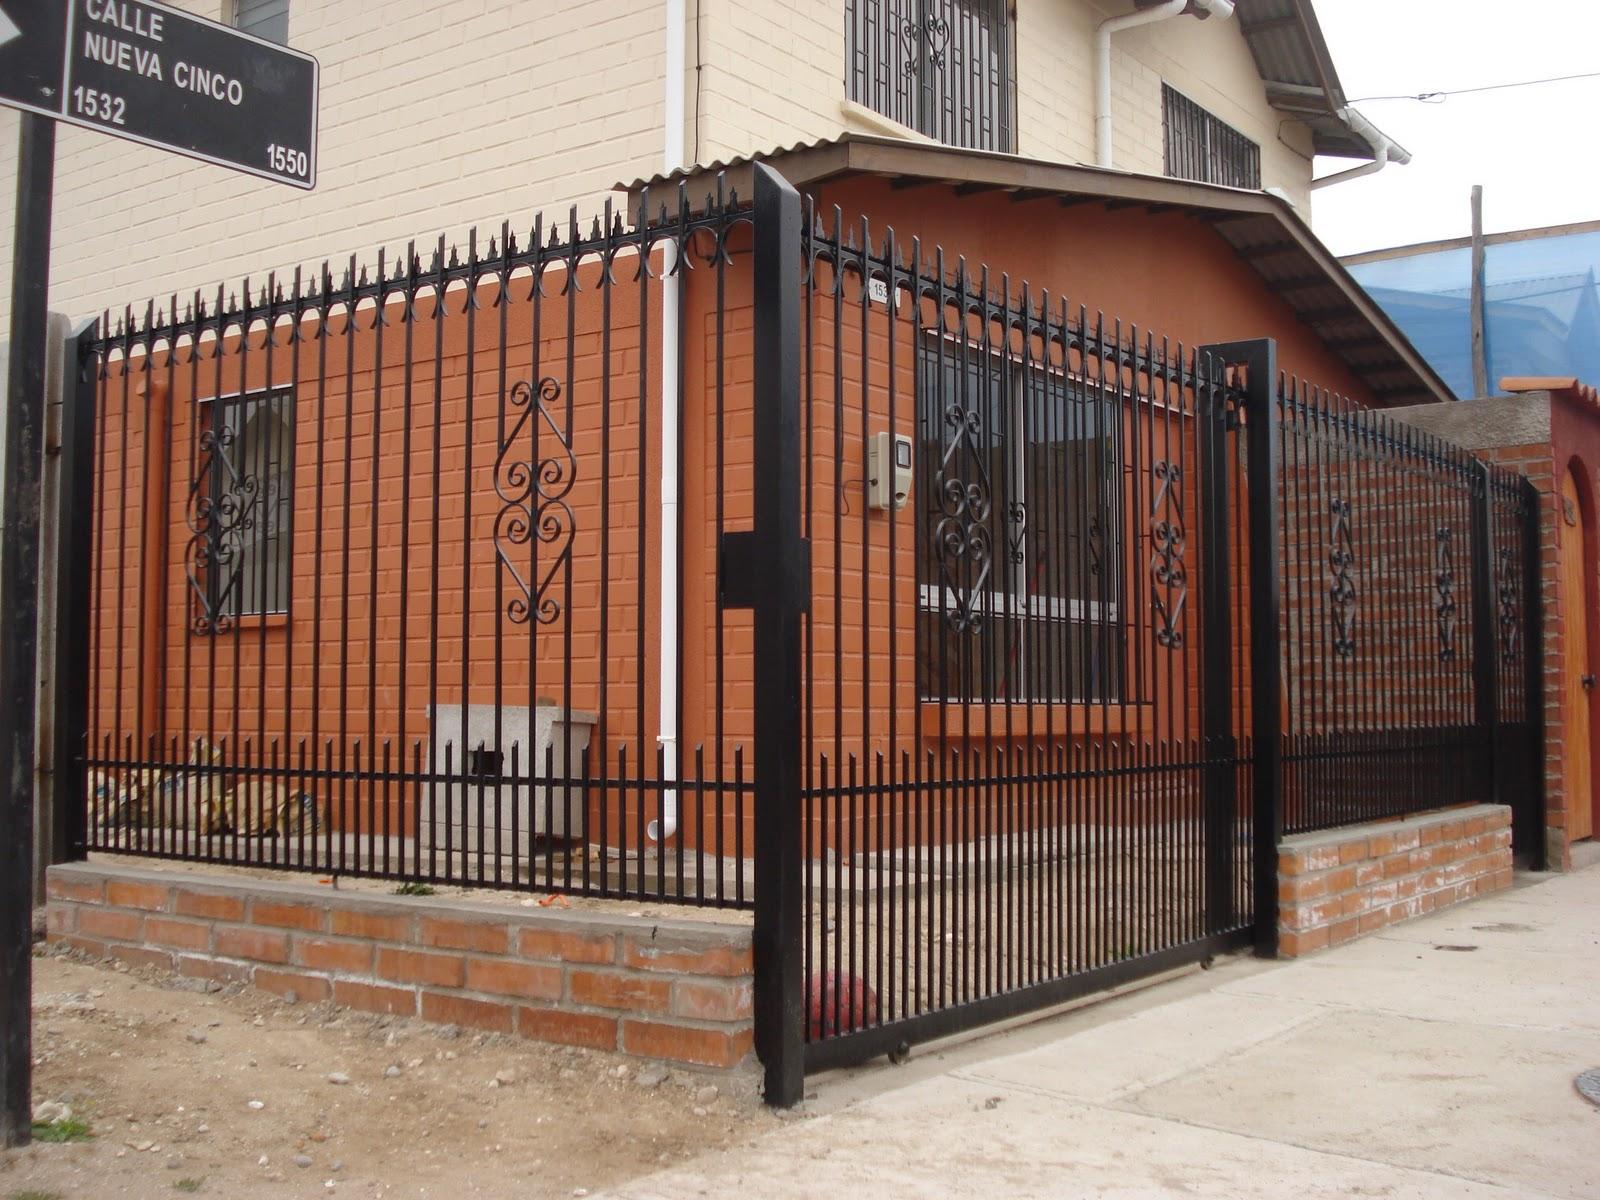 Fotos de portones y rejas de hierro modernas hogar muebles for Rejas y portones